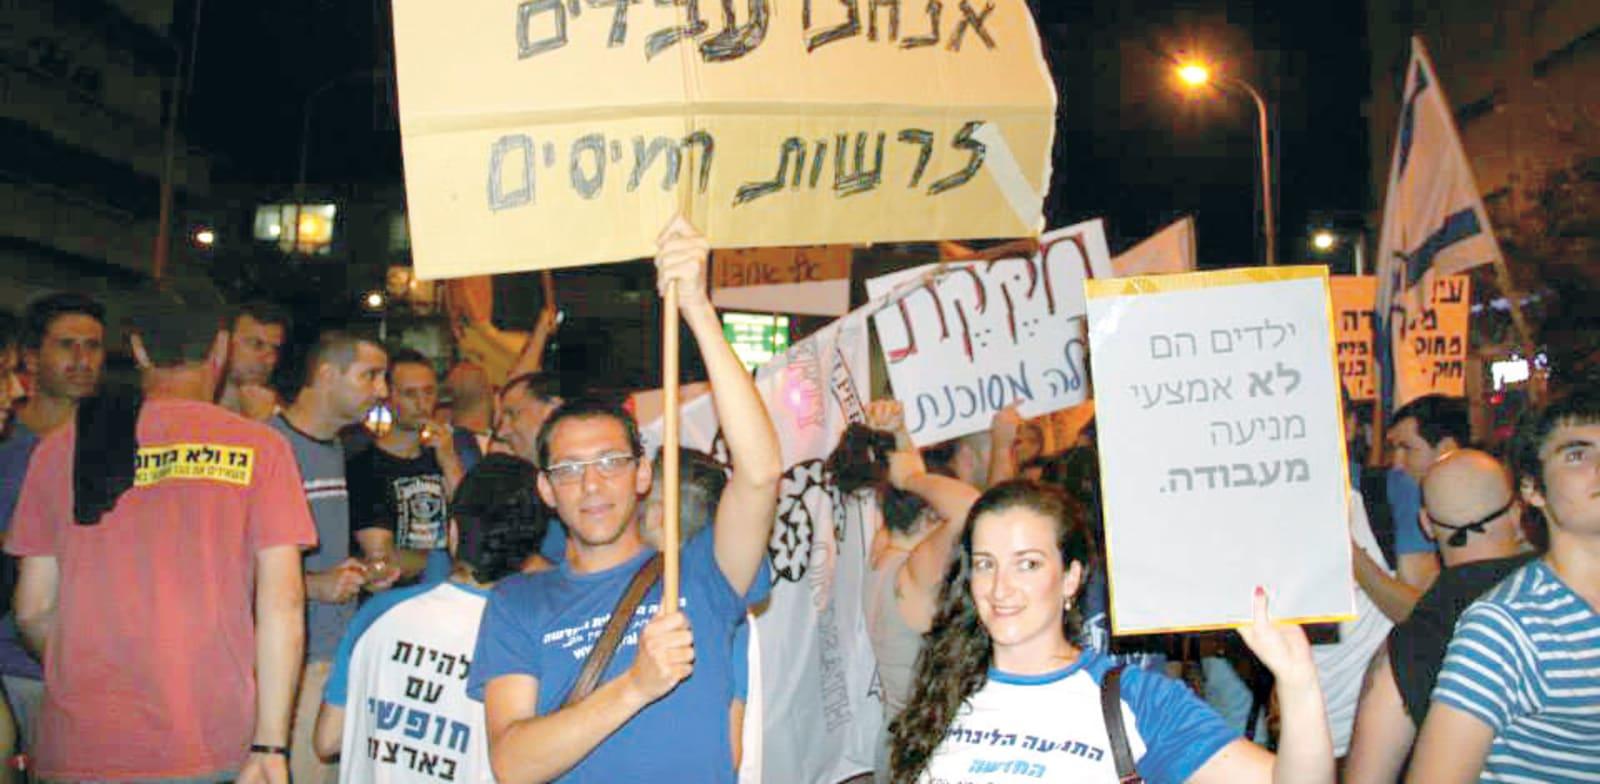 מחאת הימין הליברלי ב־2013 / צילום: התנועה הליברלית החדשה